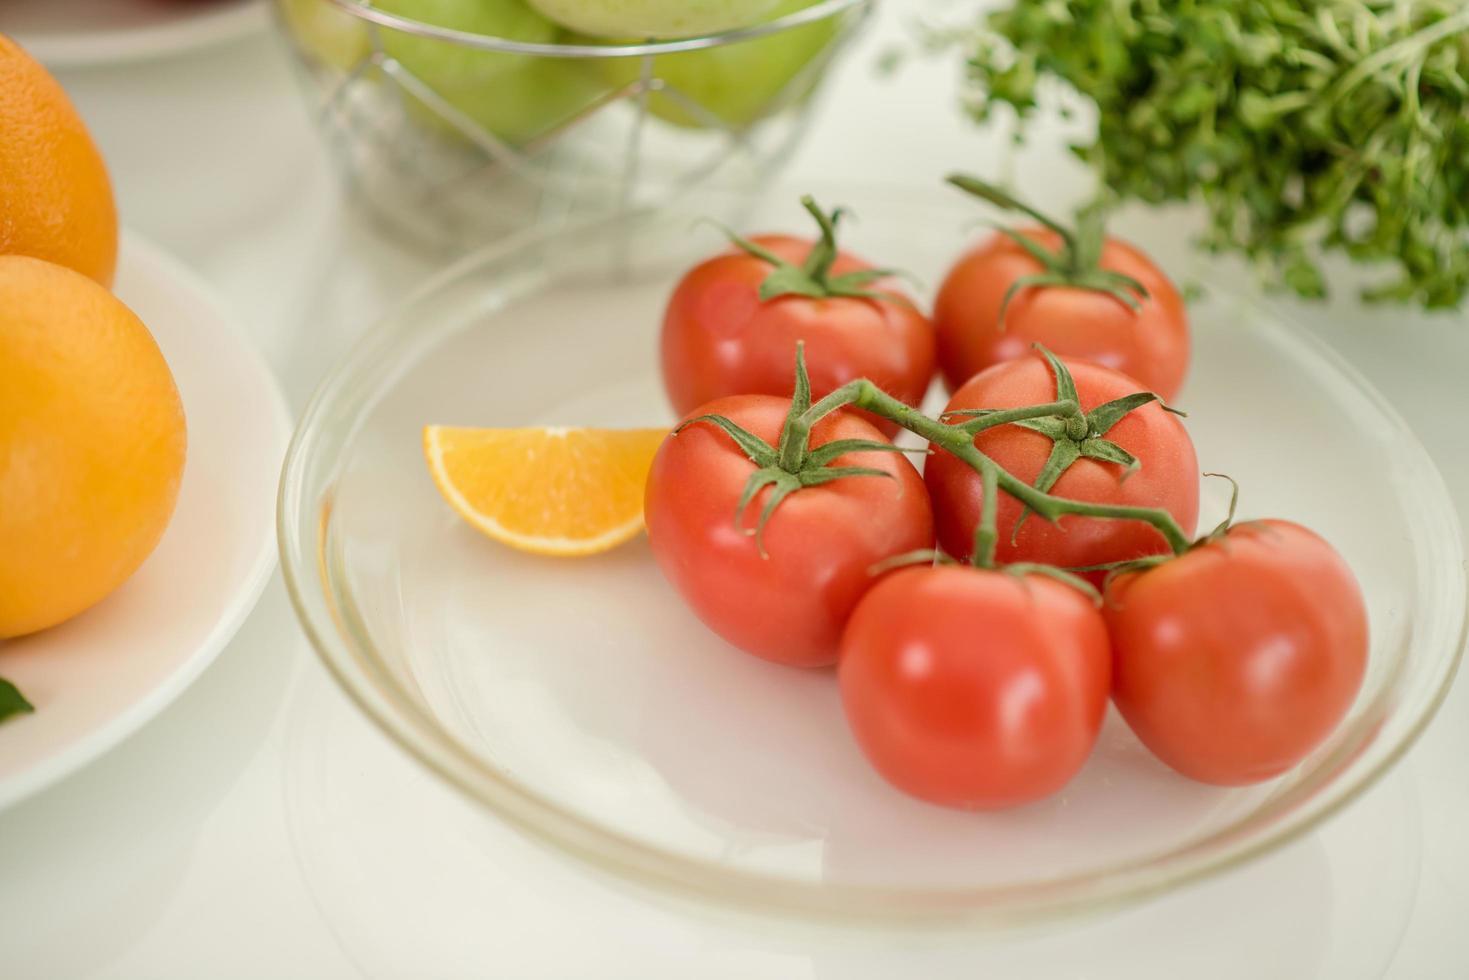 tomates mûres fraîches photo